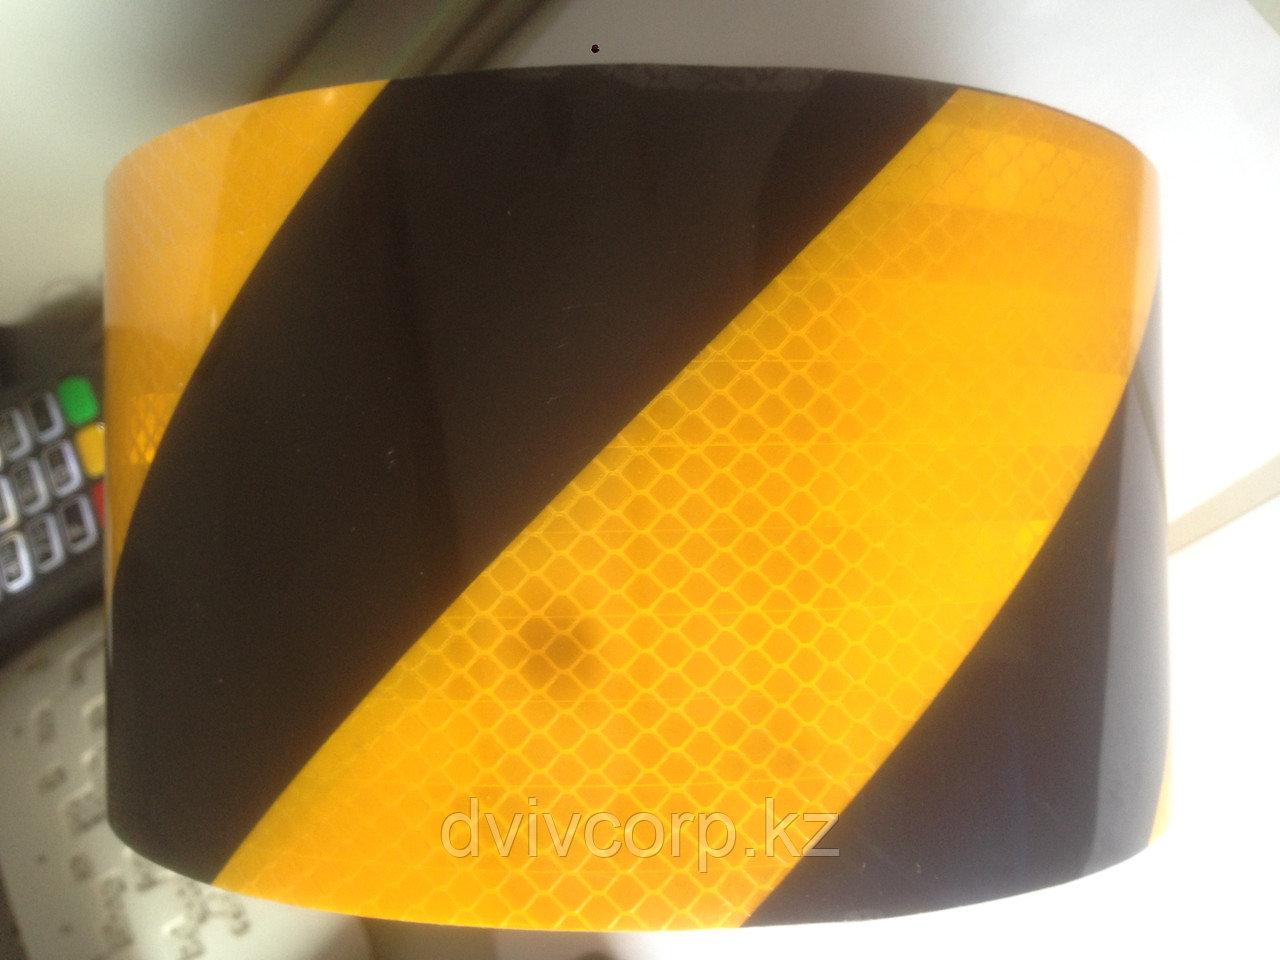 Лента световозвращающая черно-желтая 10 см (алмазная) - фото 1